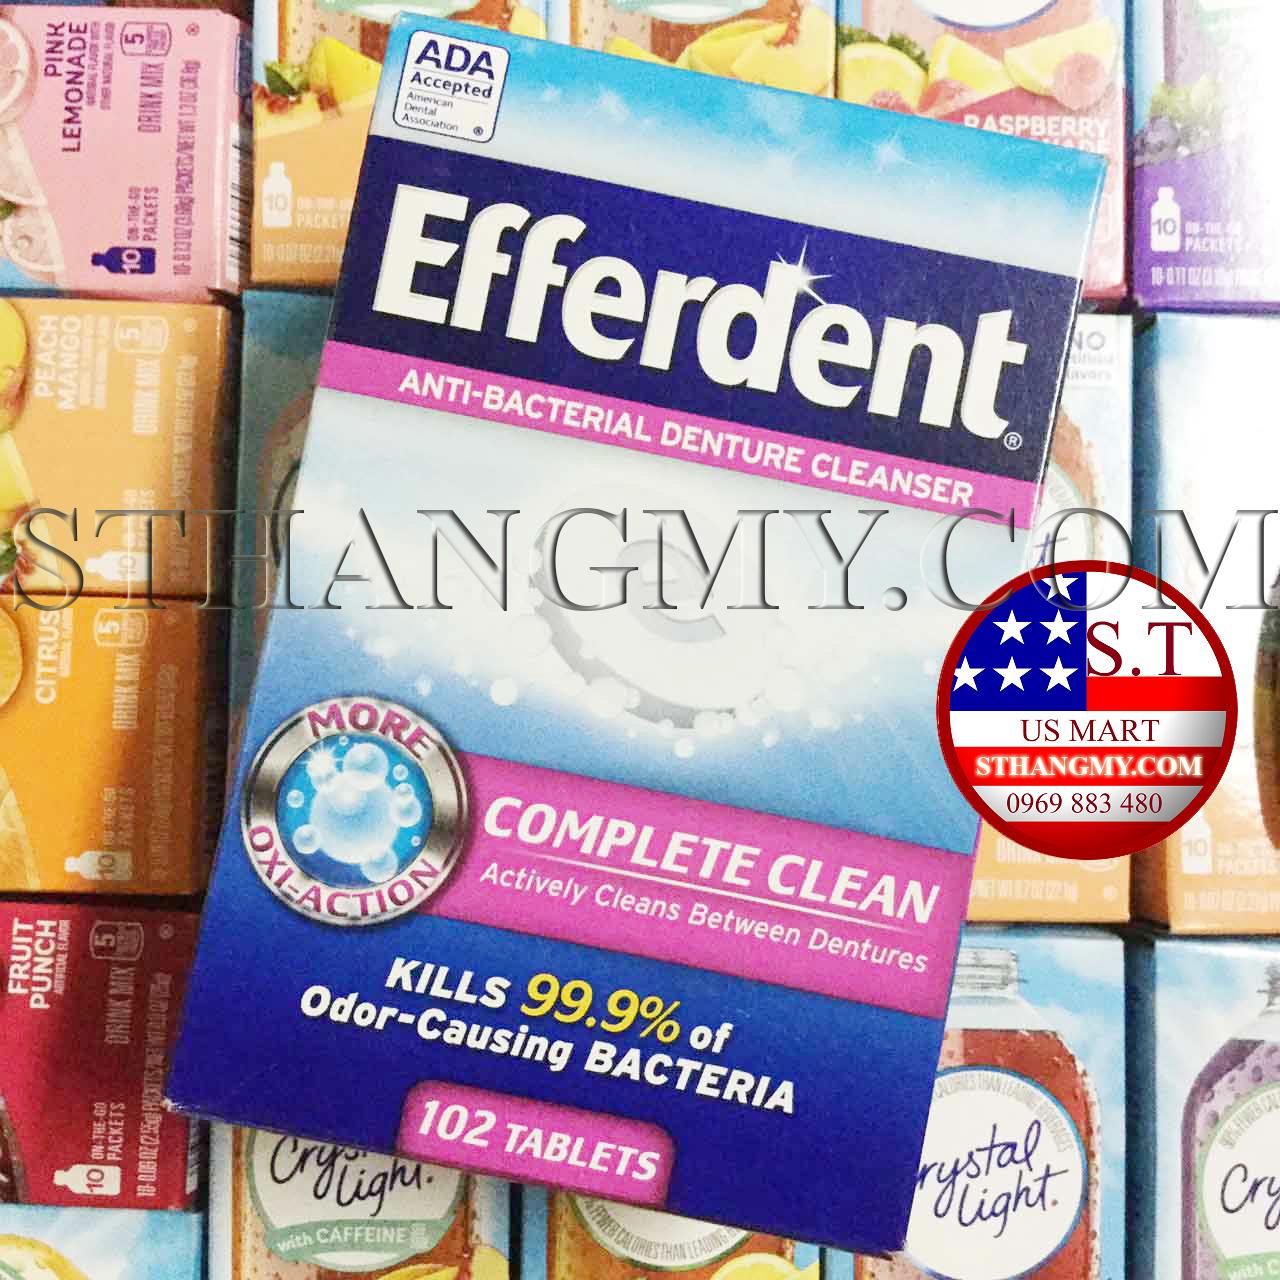 Viên ngâm làm sạch răng giả Efferdent - Chính hãng mua tại Mỹ